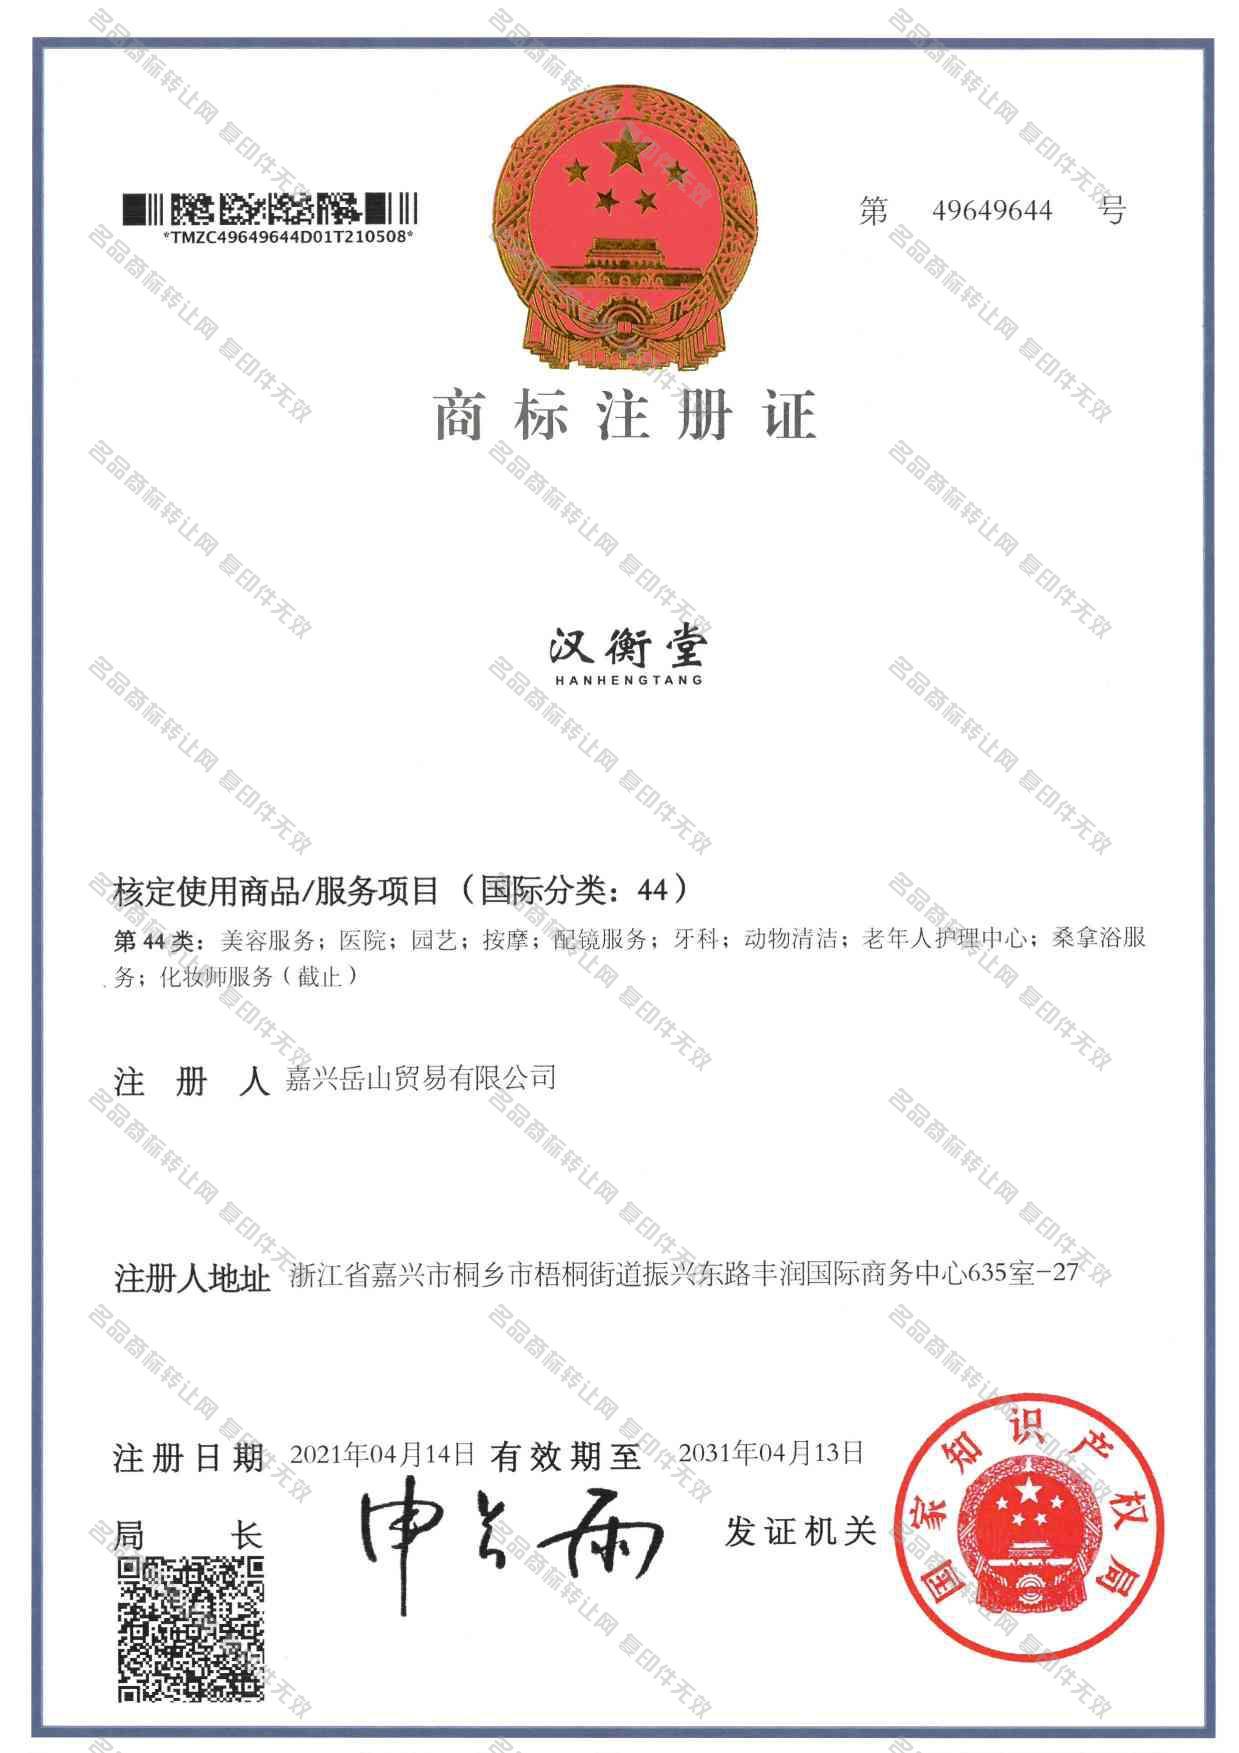 汉衡堂注册证